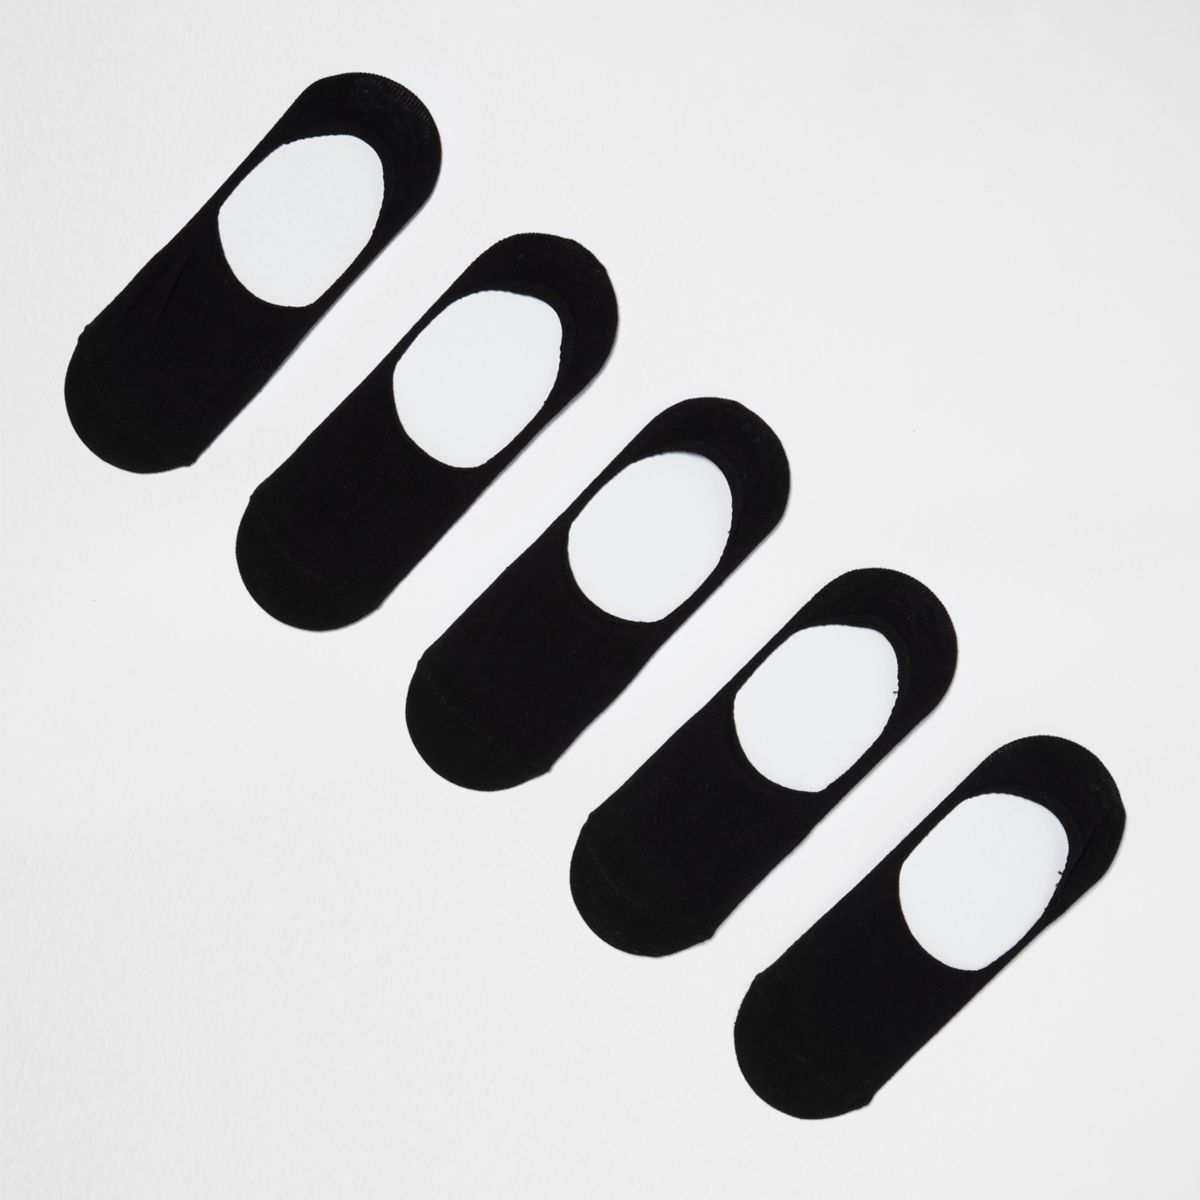 Lot de cinq paires de chaussettes basses invisibles noires